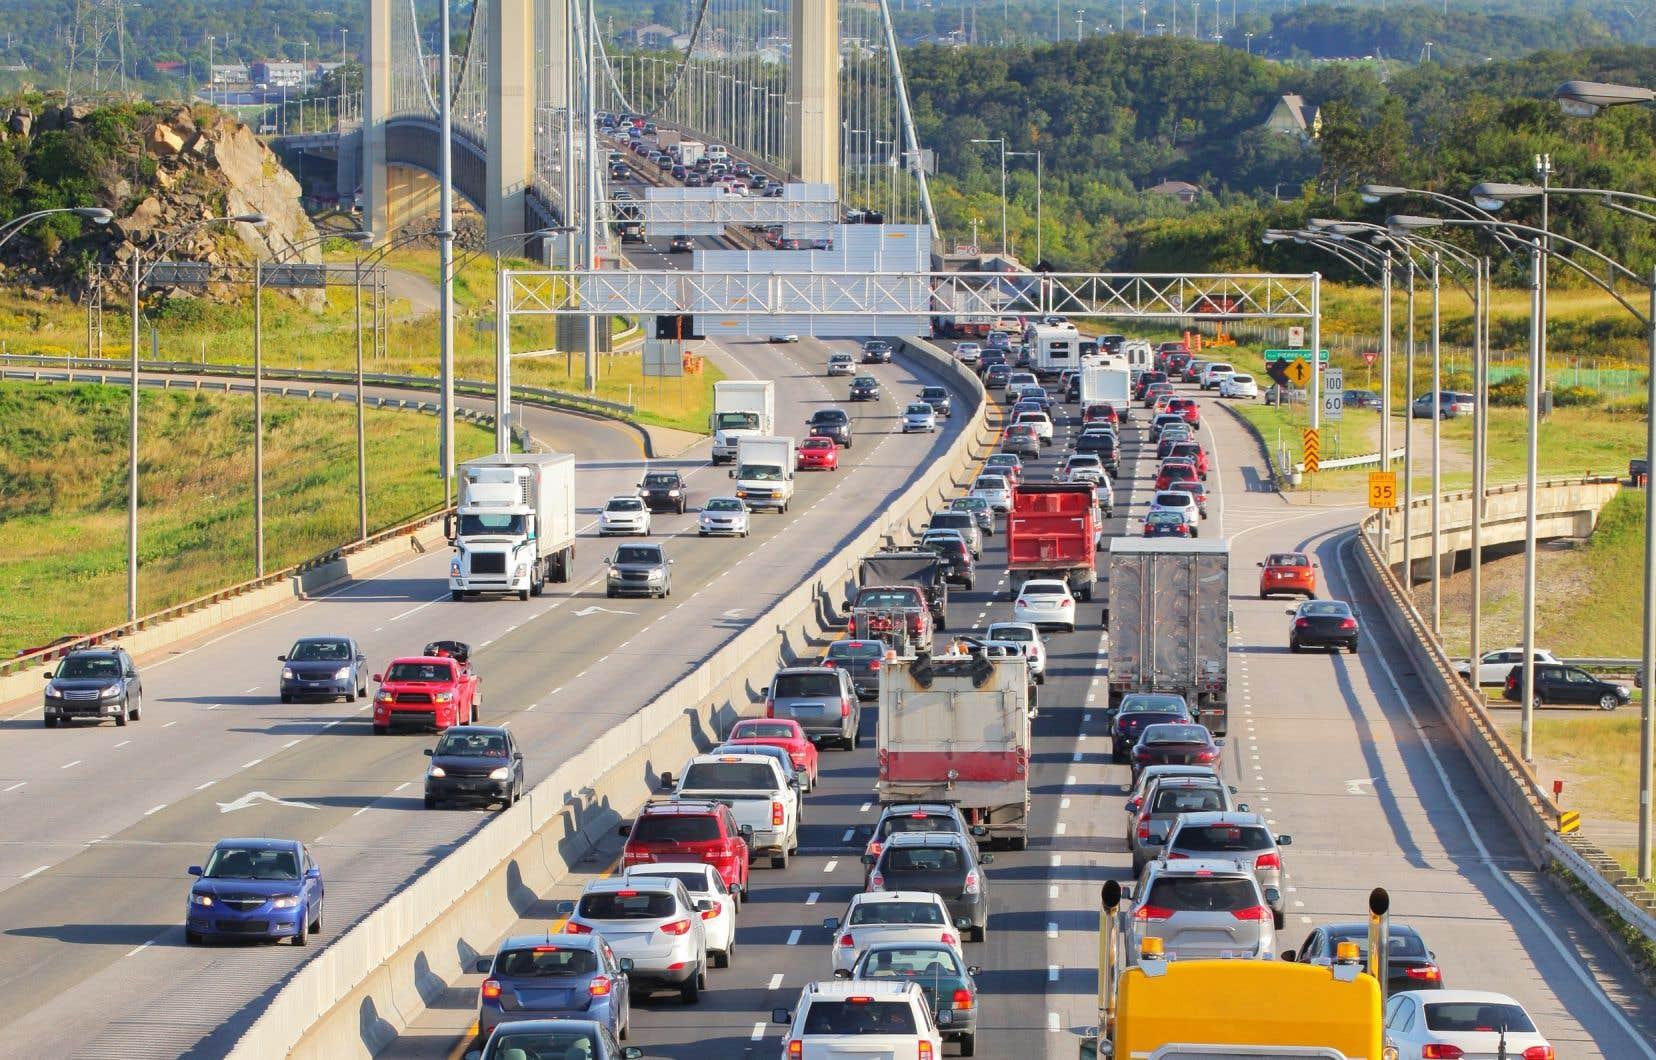 «Le niveau actuel de dépendance à l'auto solo est inacceptable à Québec», écrivent les auteurs.